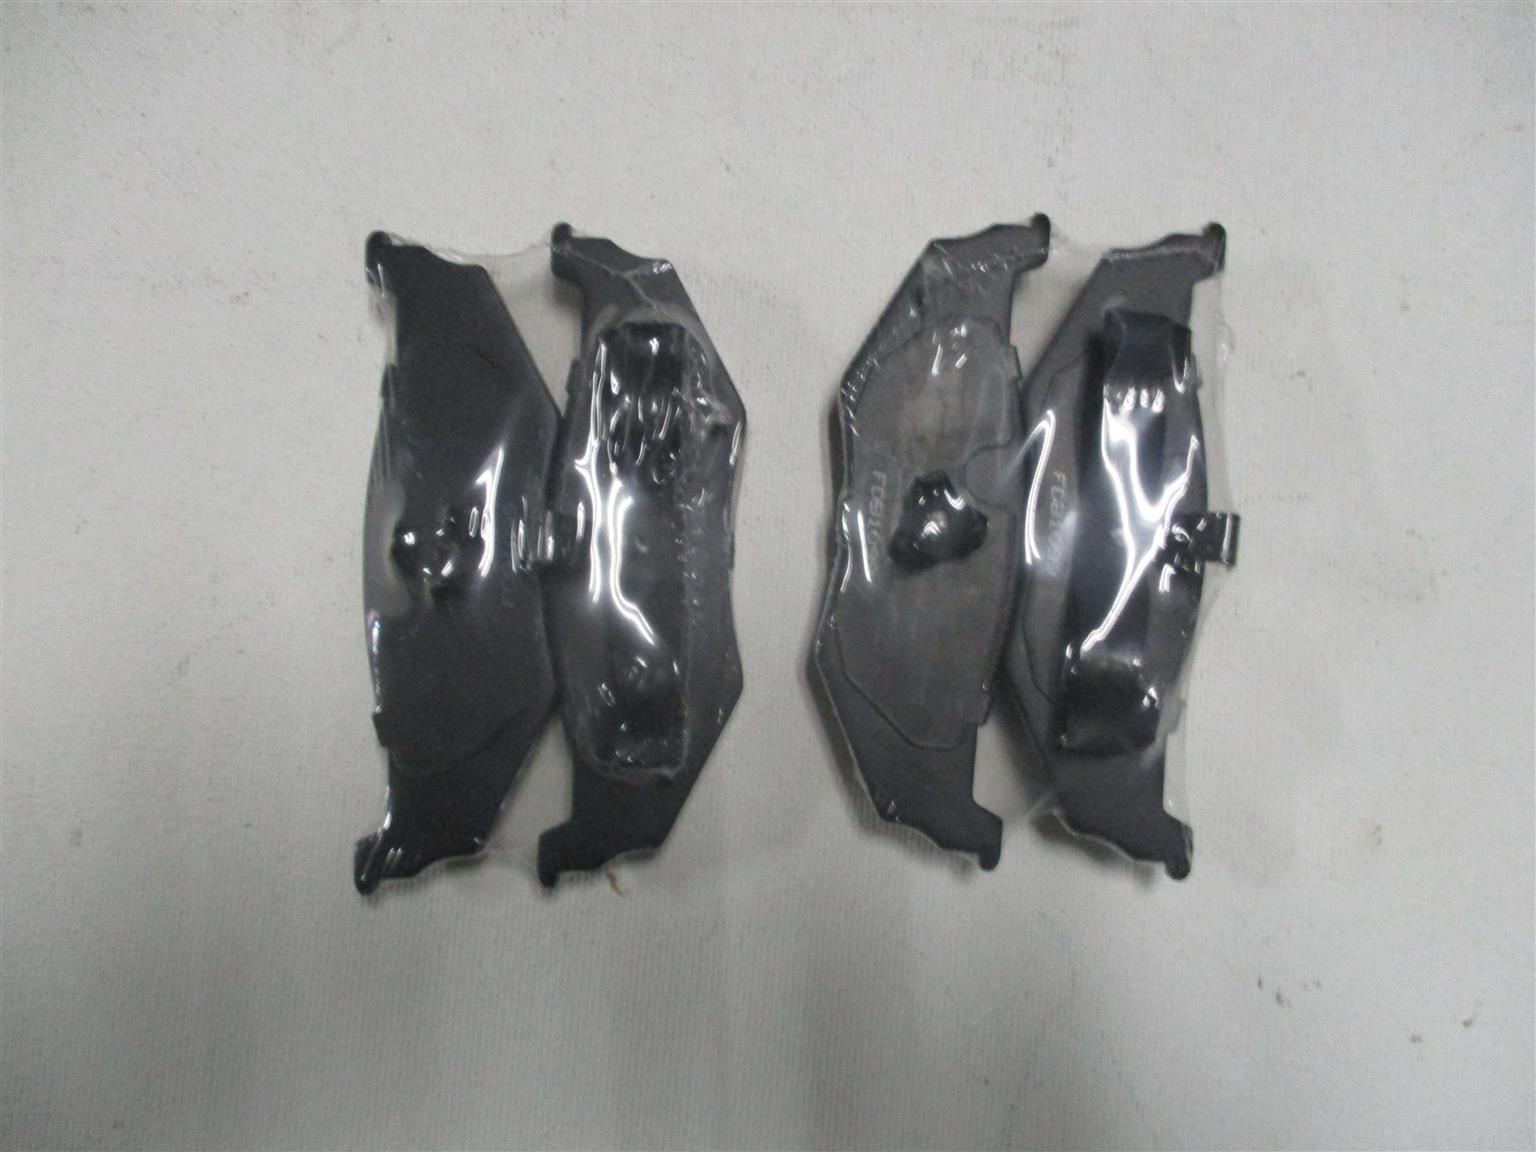 BRAKE PADS FOR CHRYSLER PT CRUISER (NEW)